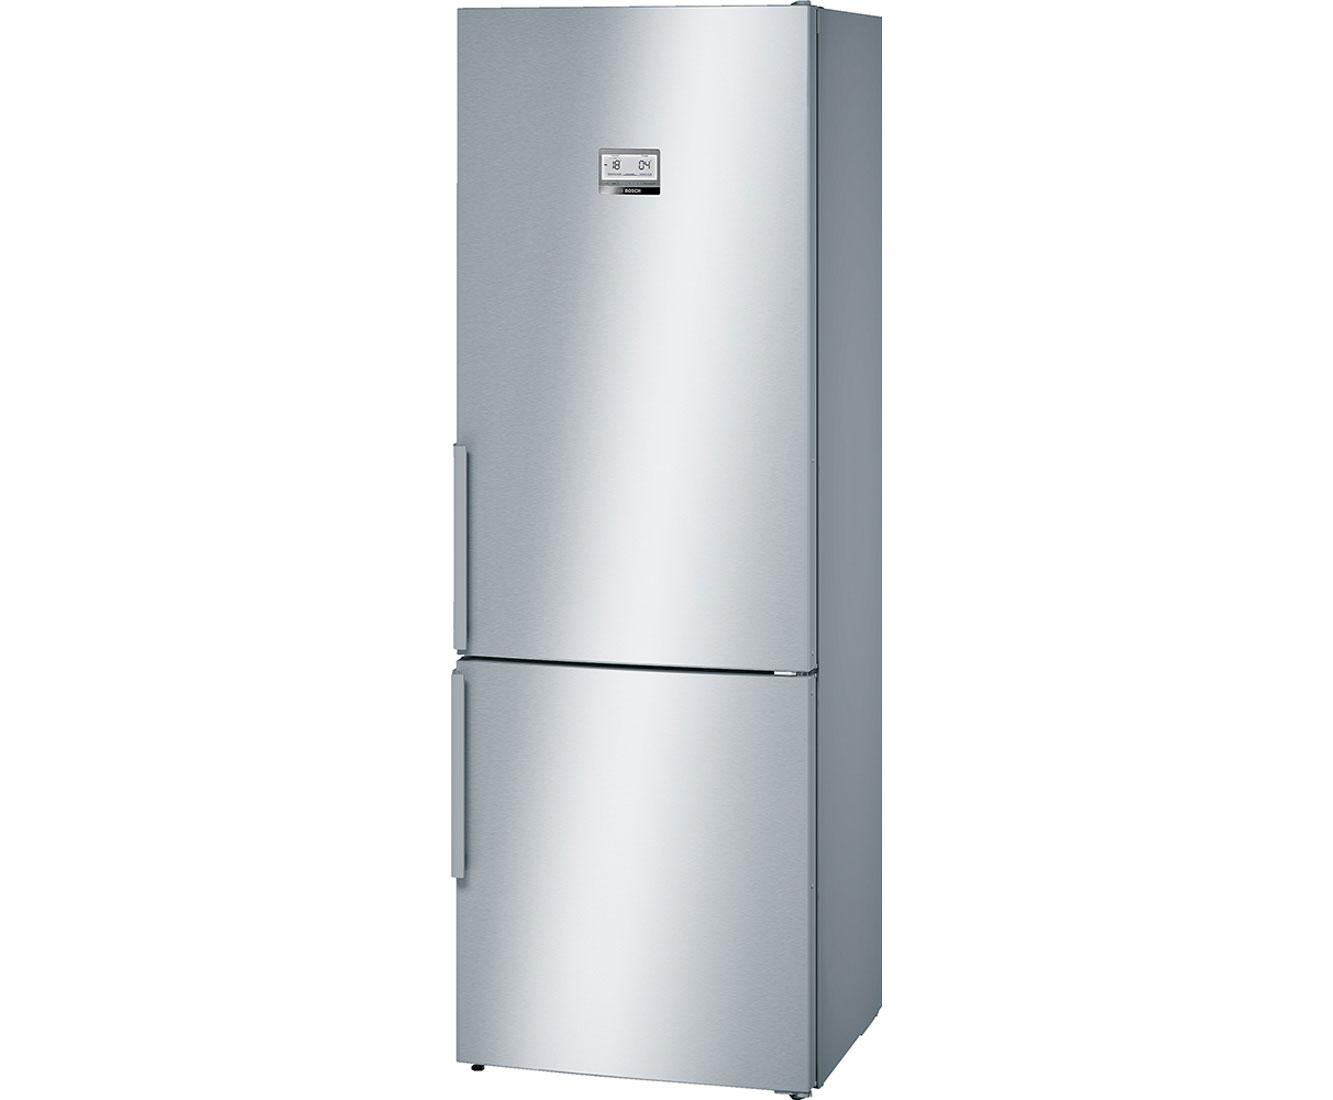 Bosch Kühlschrank Macht Geräusche : Bosch serie 6 kgn49ai40 kühl gefrierkombination mit no frost